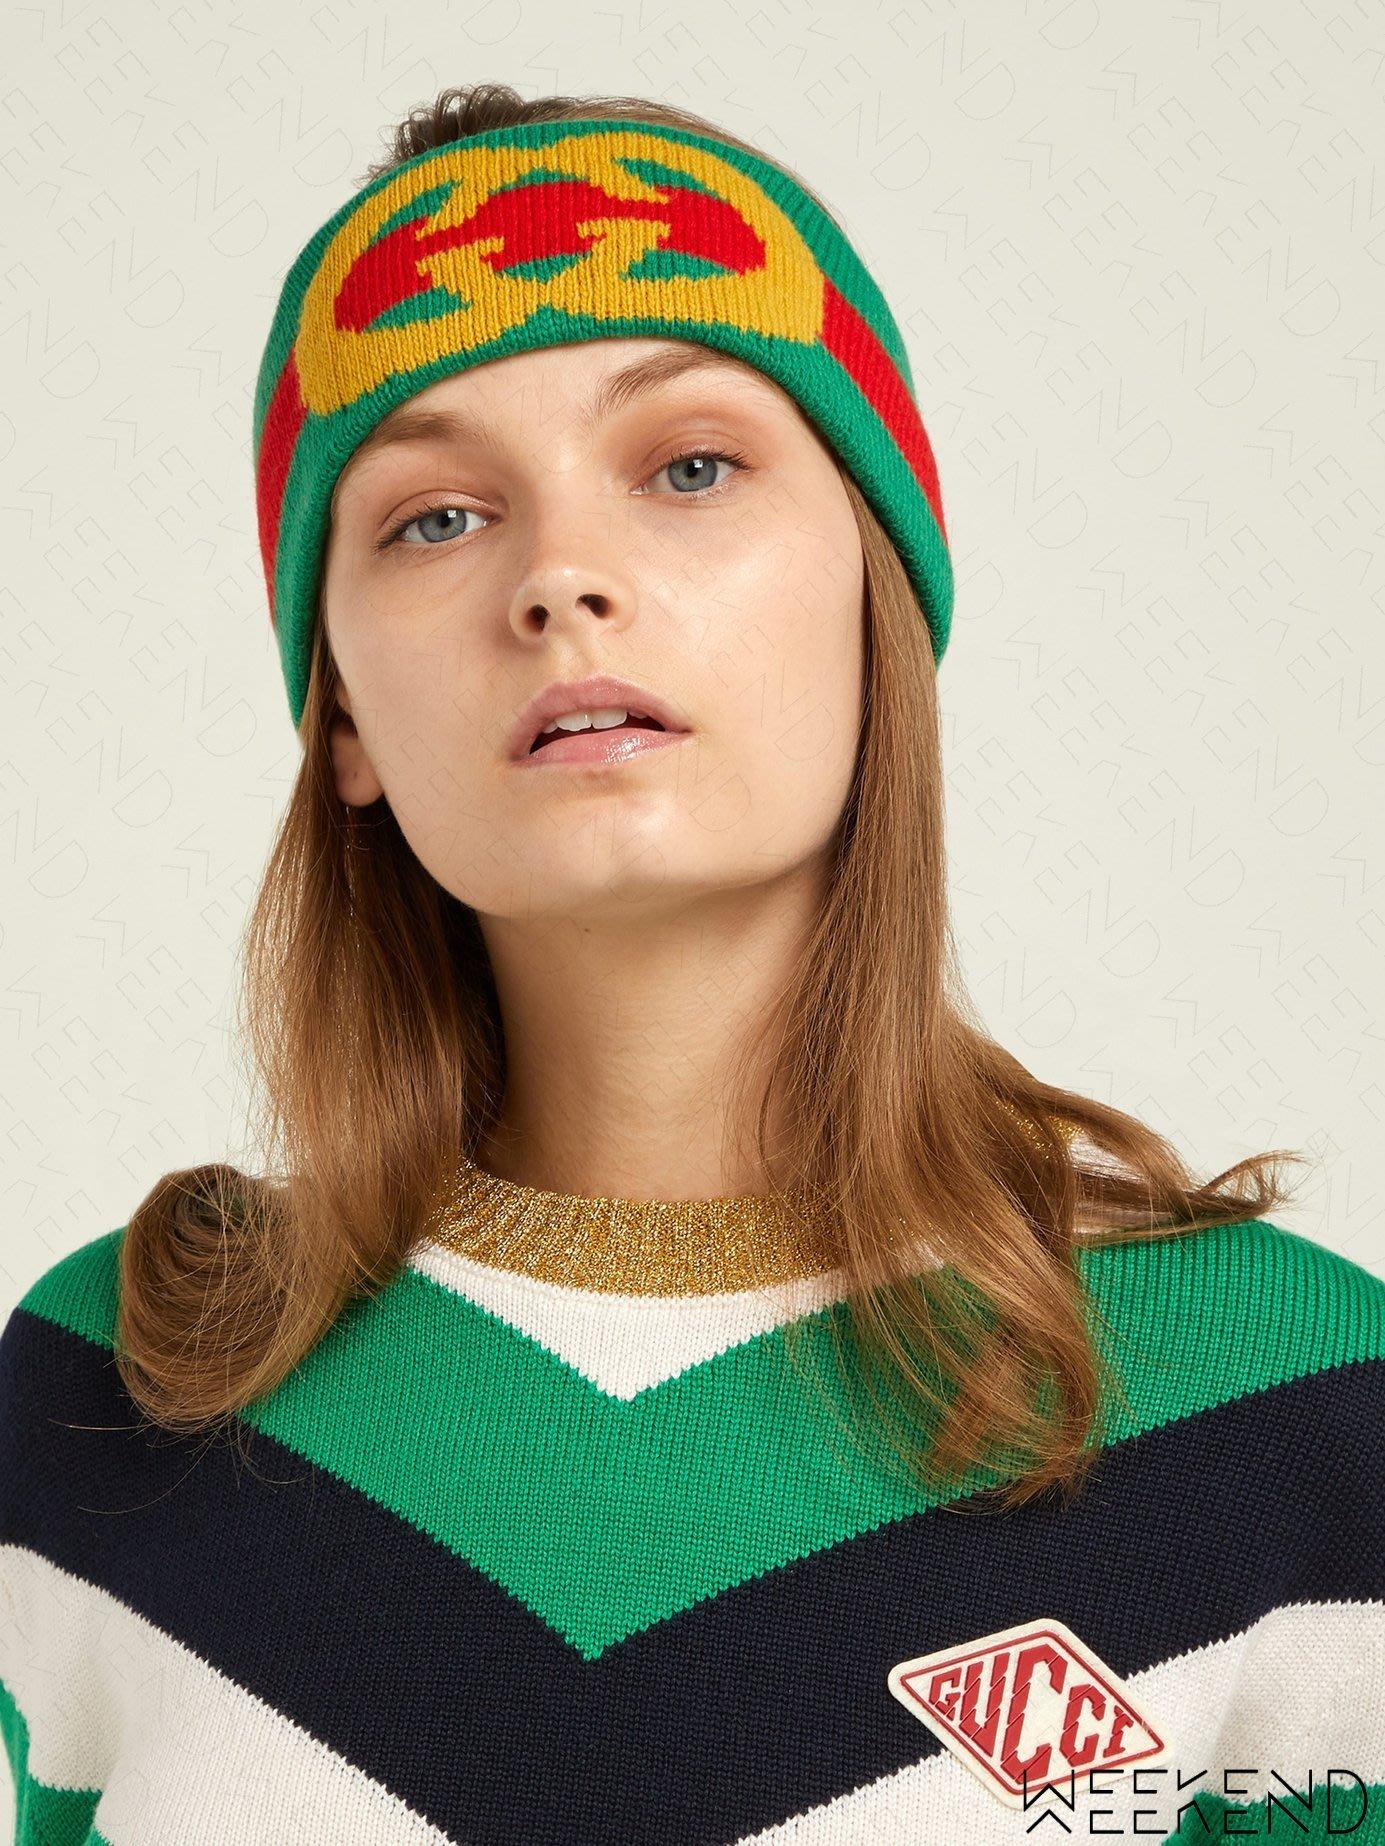 【WEEKEND】 GUCCI GG Logo 頭帶 頭巾 髮帶 綠+紅色 18秋冬 524753